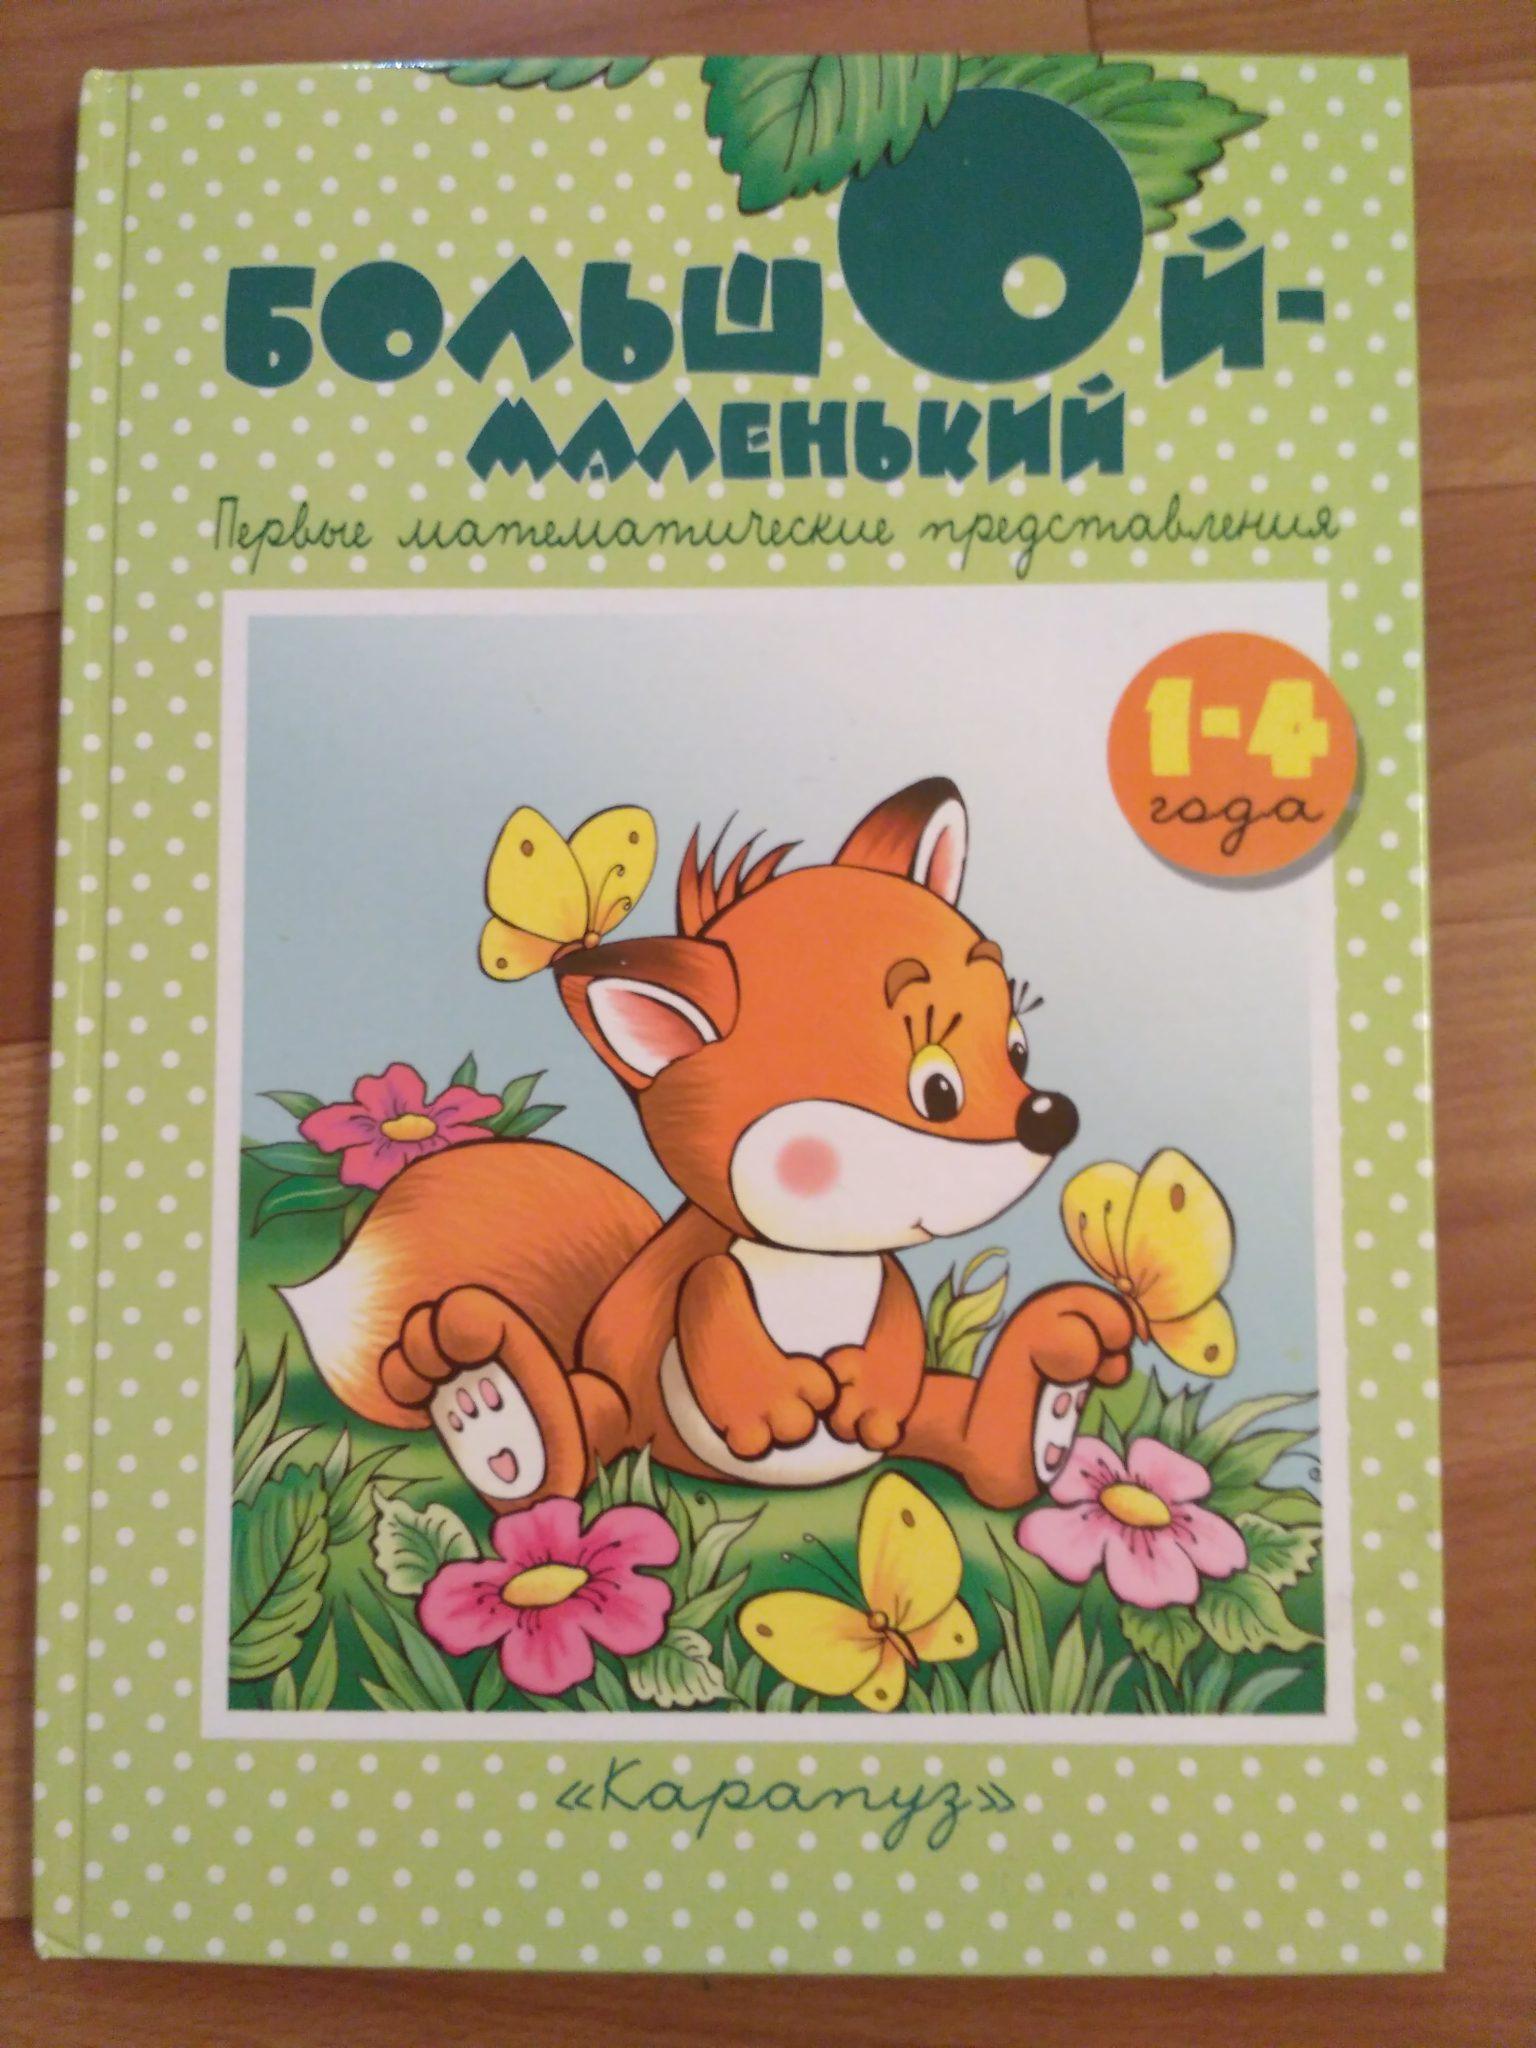 Детская книга «Большой-маленький. Первые математические представления»